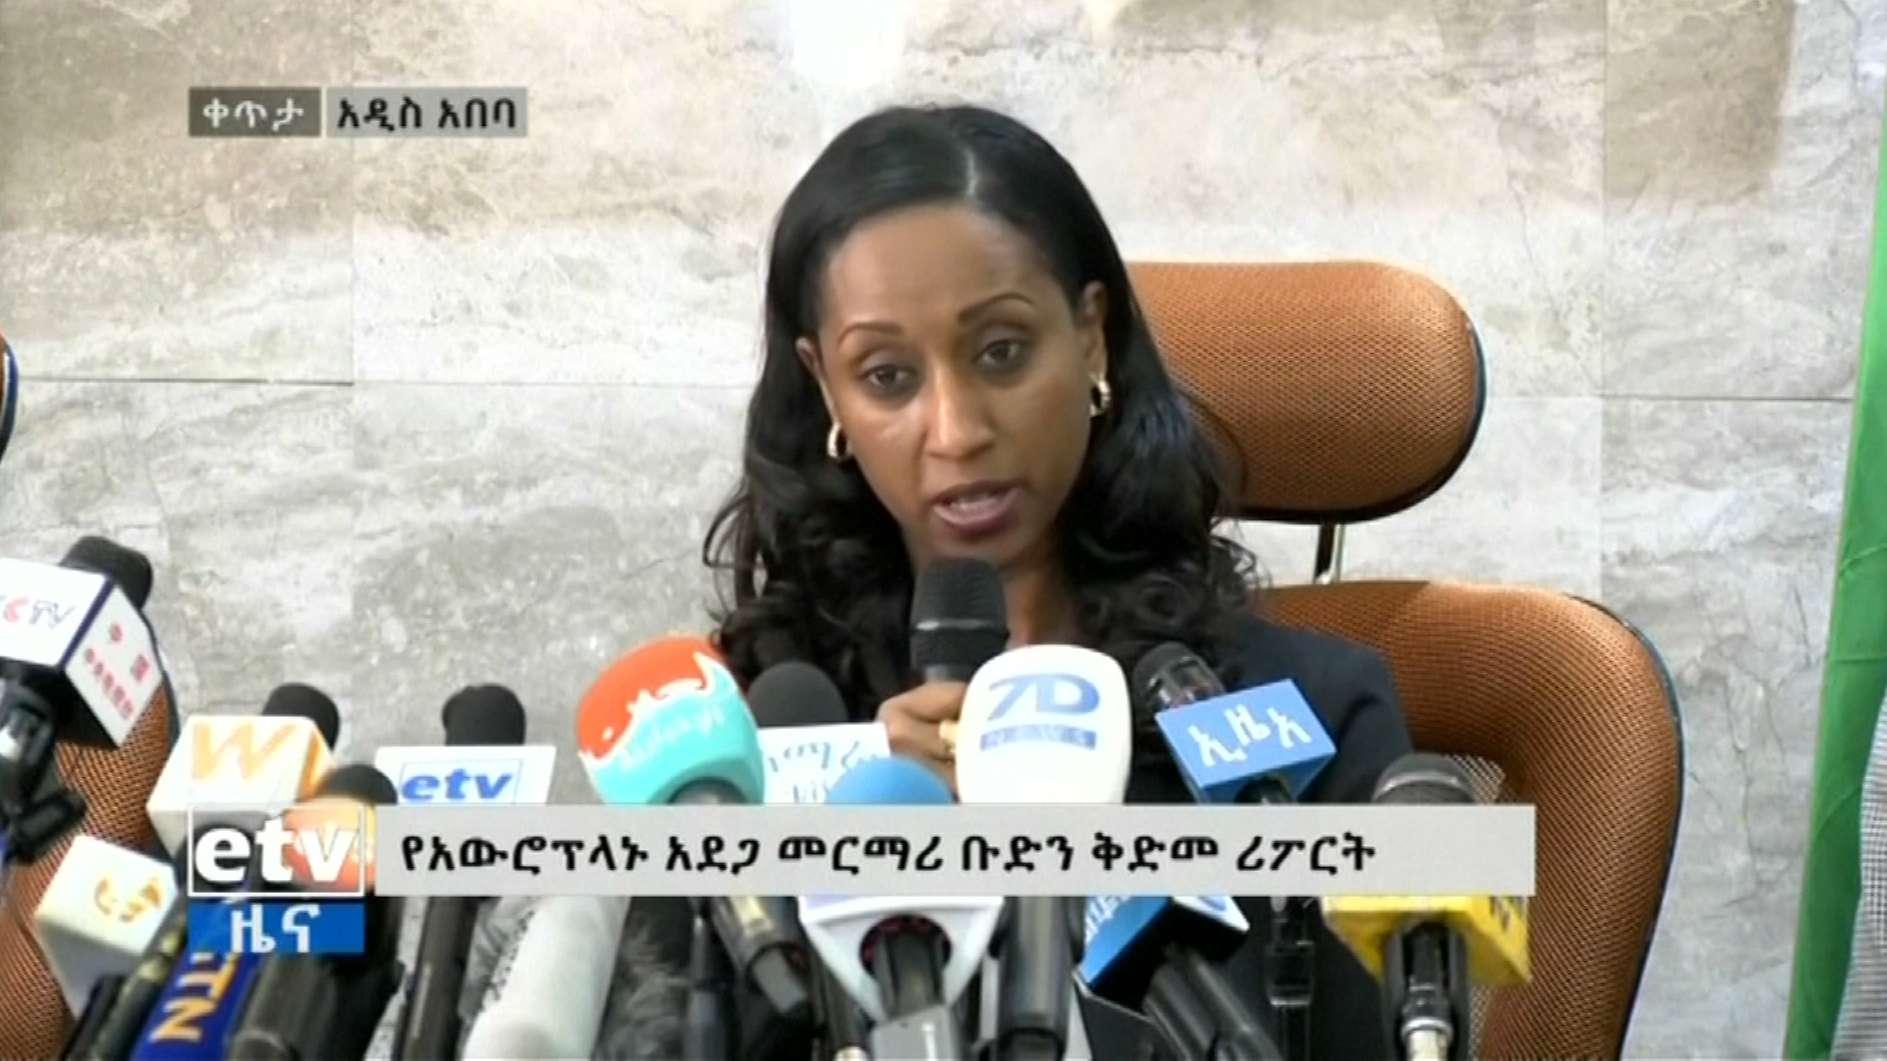 Pressekonferenz des äthiopischen Transportministeriums